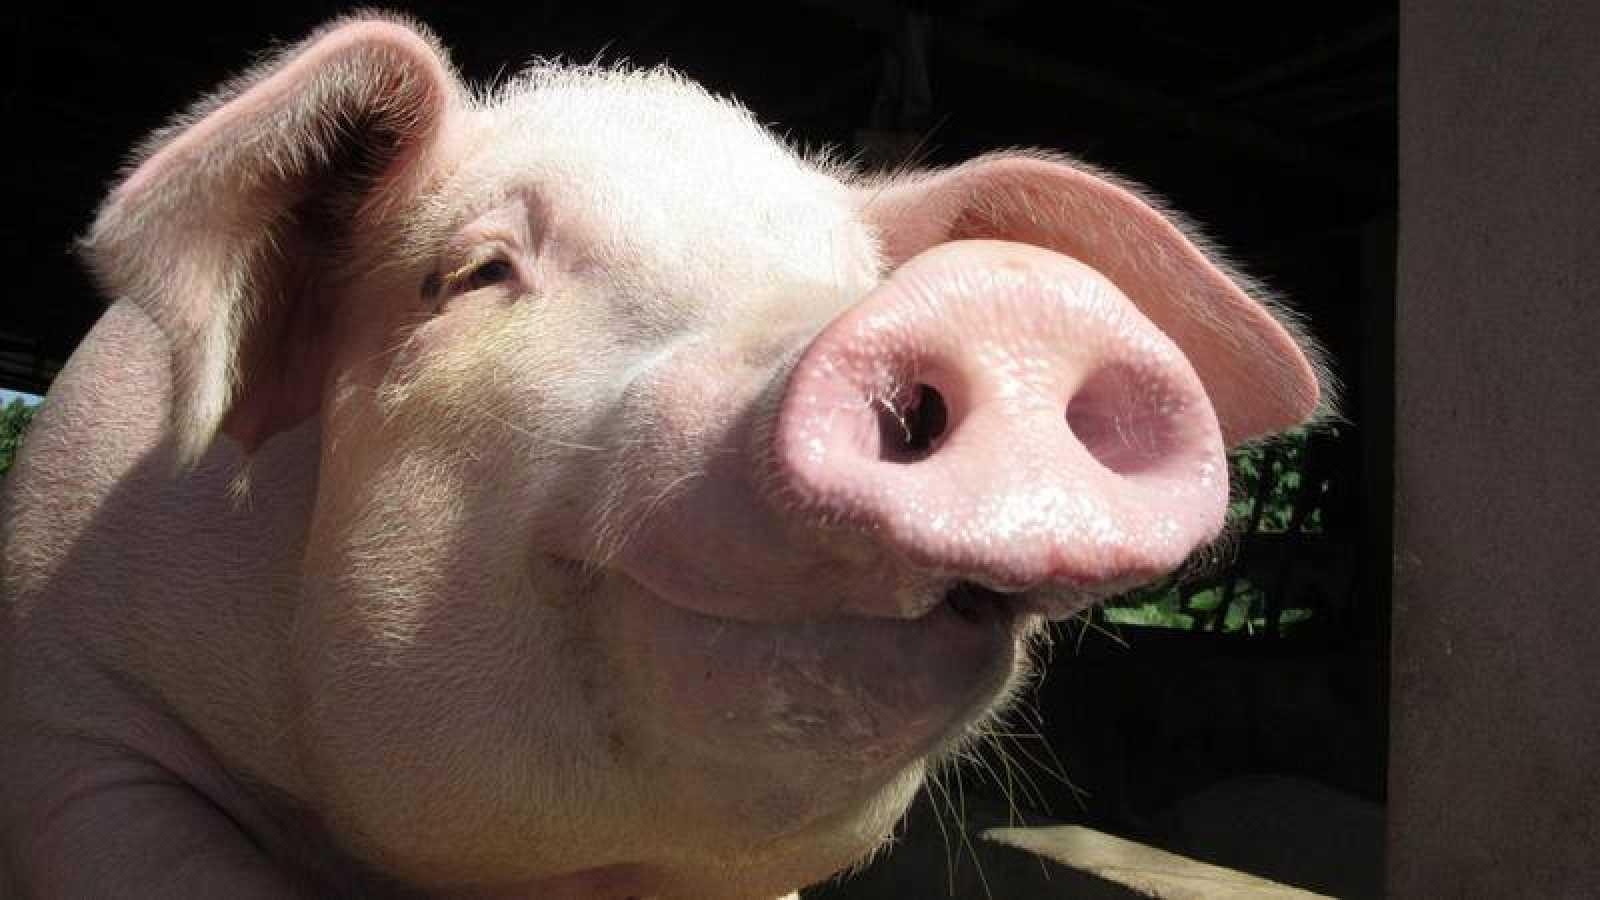 Los científicos llevan años investigando la posibilidad de utilizar órganos de cerdos en seres humanos por la compatibilidad entre los organismos de ambos.